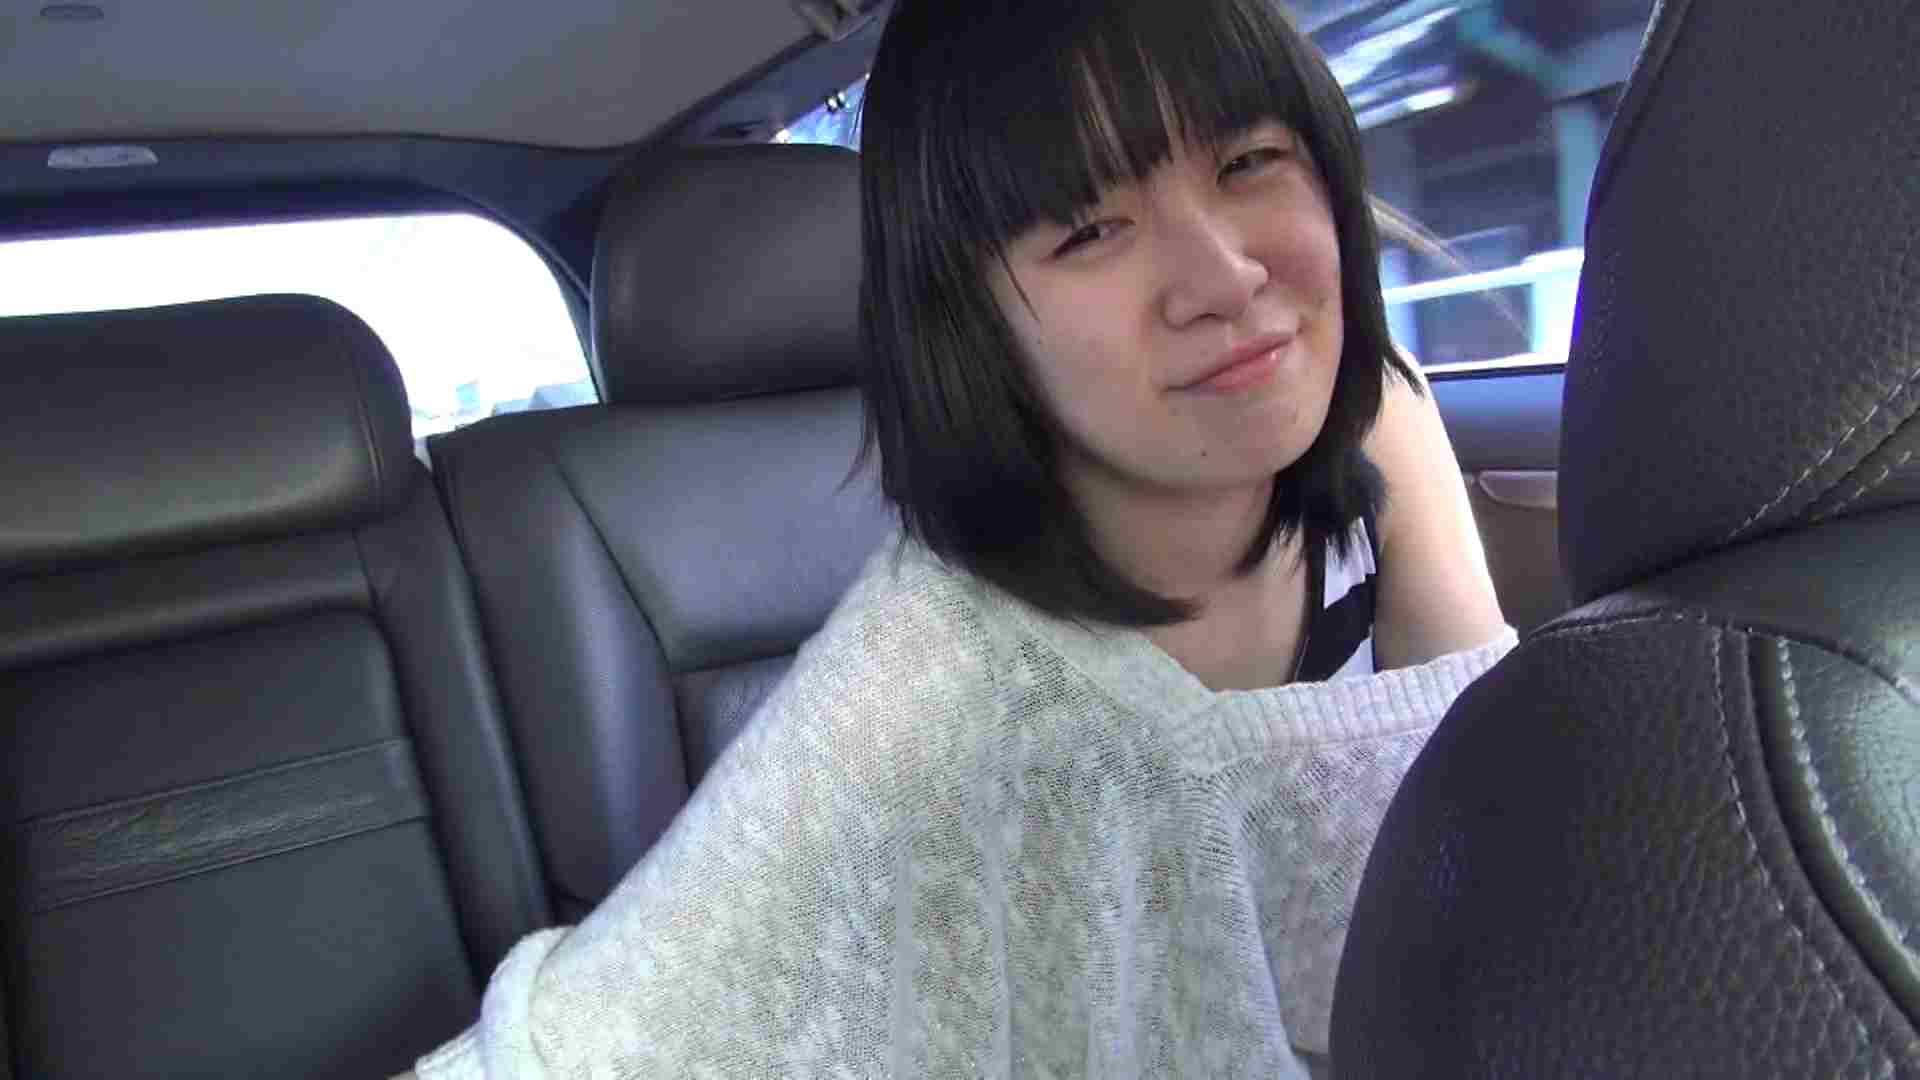 【母の時・01】インタビュー→とびっこ 覗き  64PIX 64